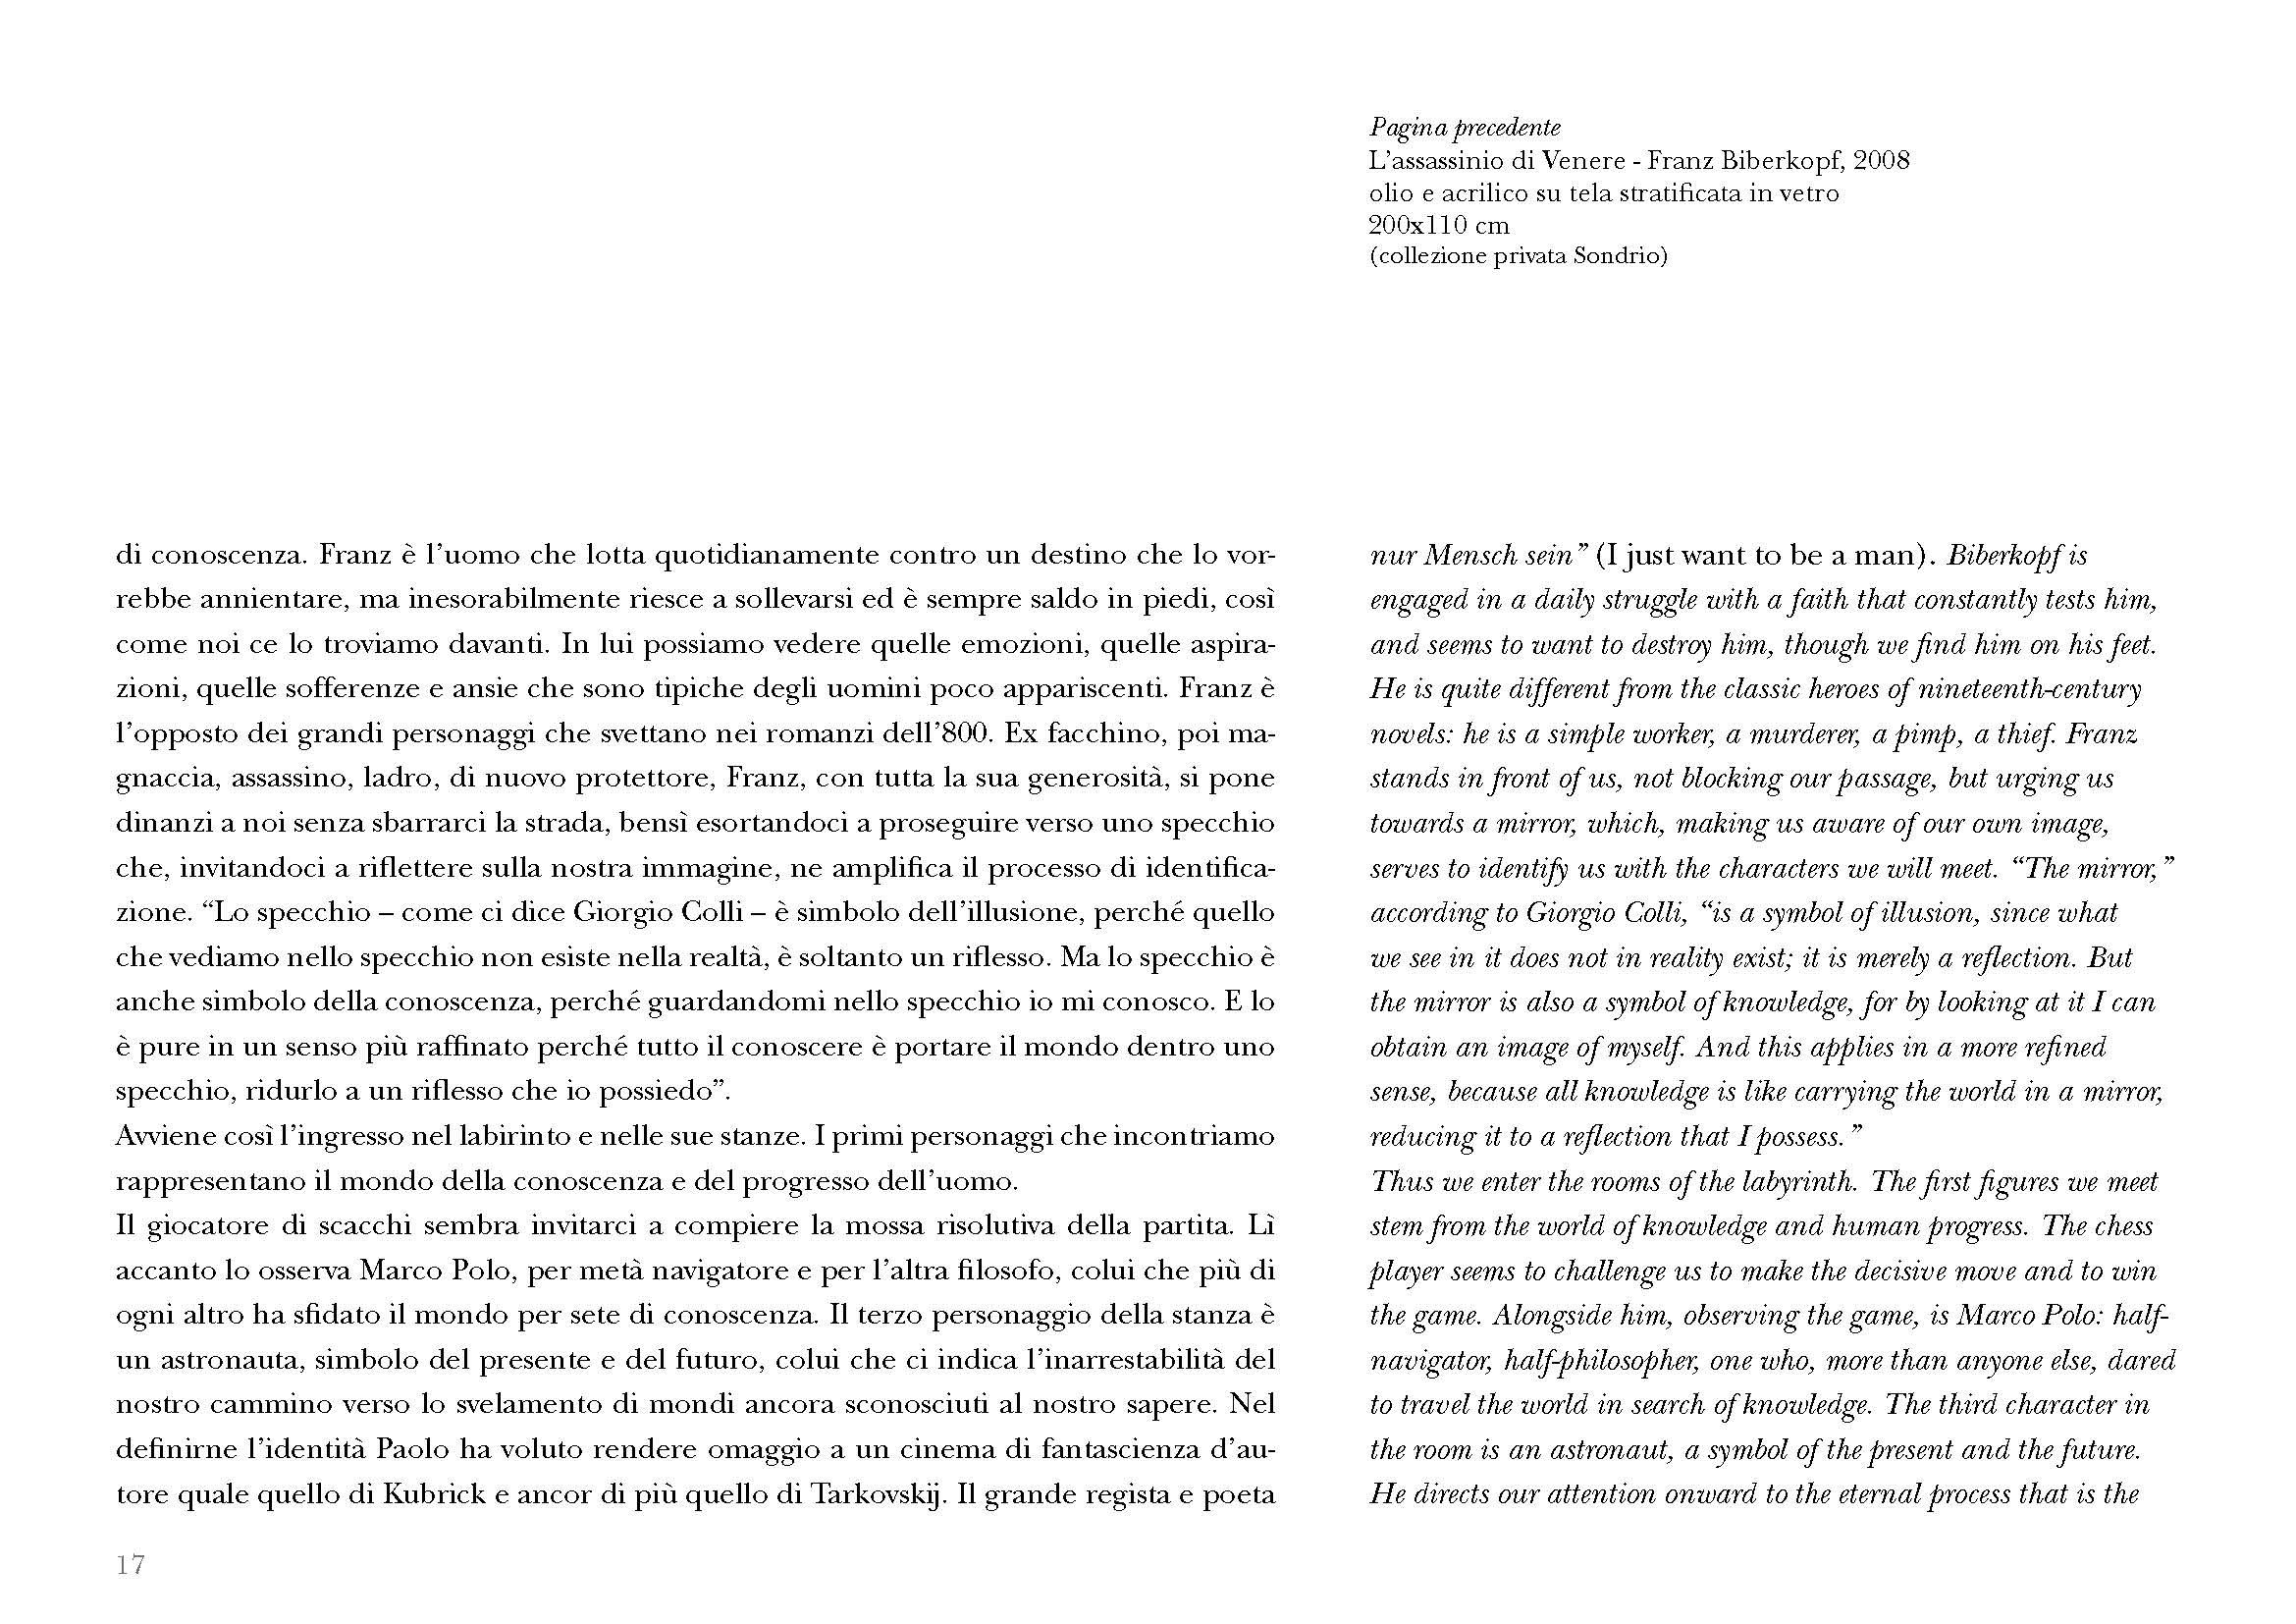 PB08-Assassinio_Page_17.jpg